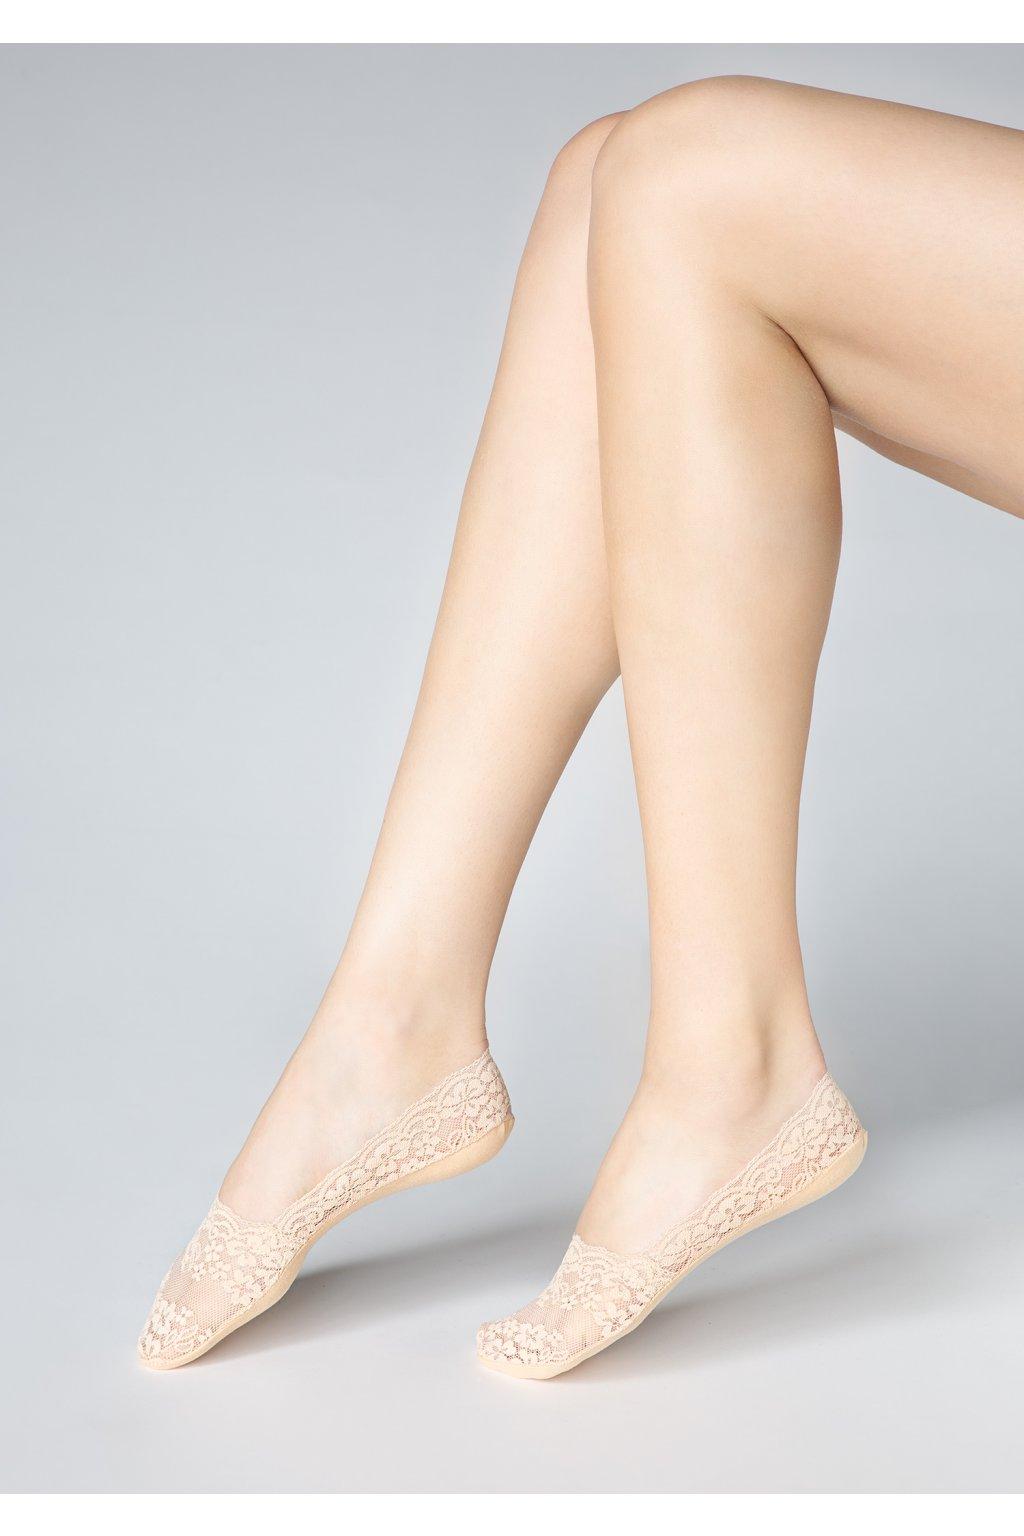 Nízké ponožky LACE P29